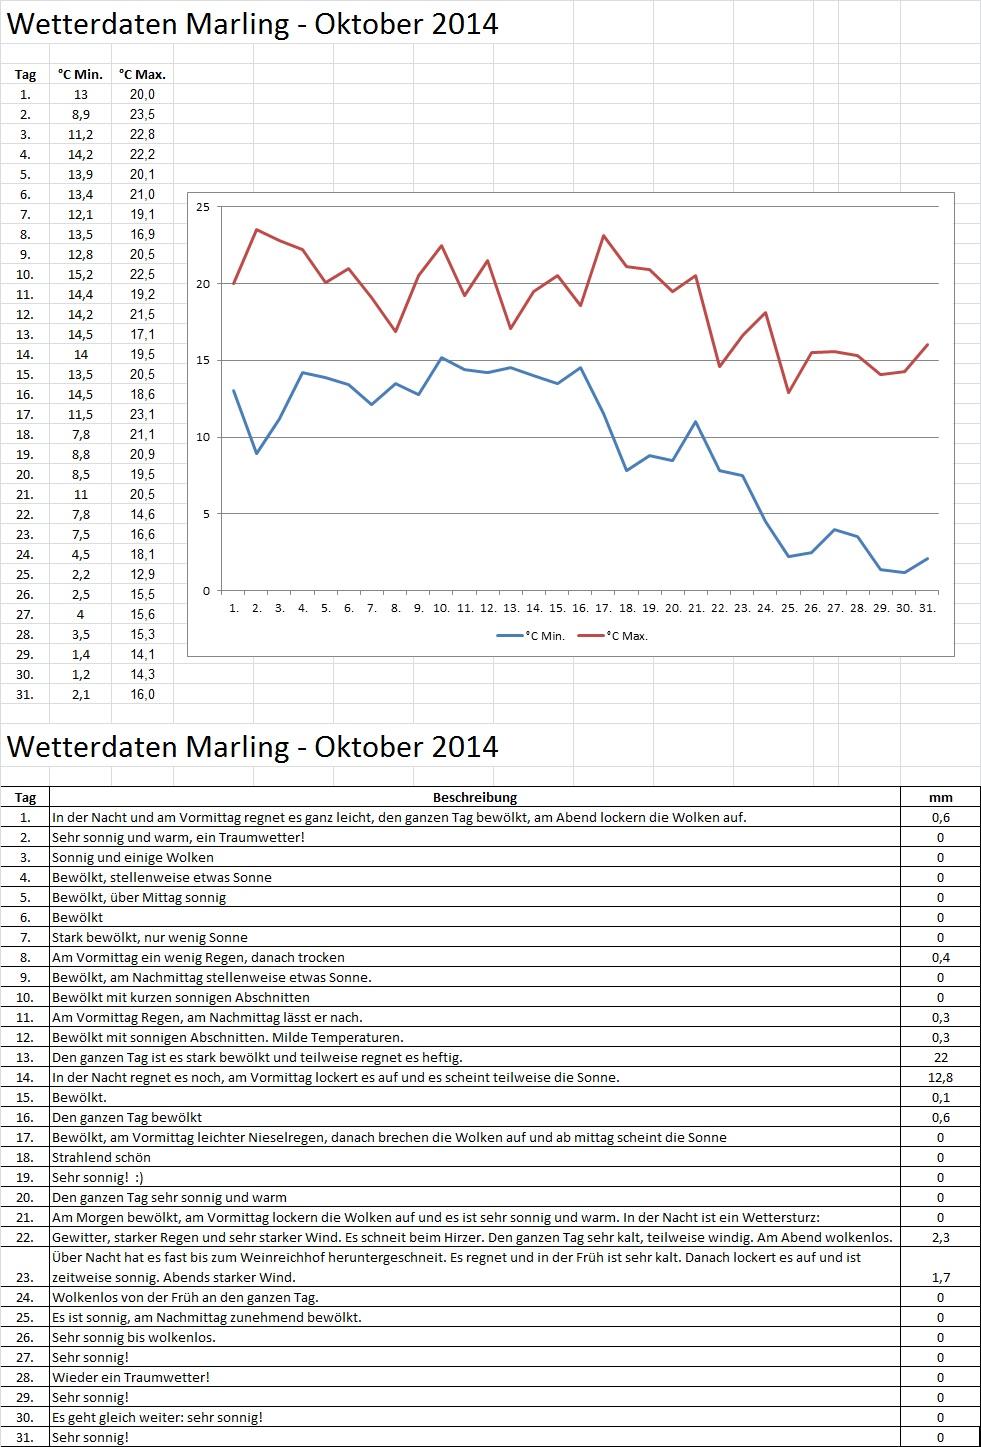 Wetter Daten Marling Oktober 2014